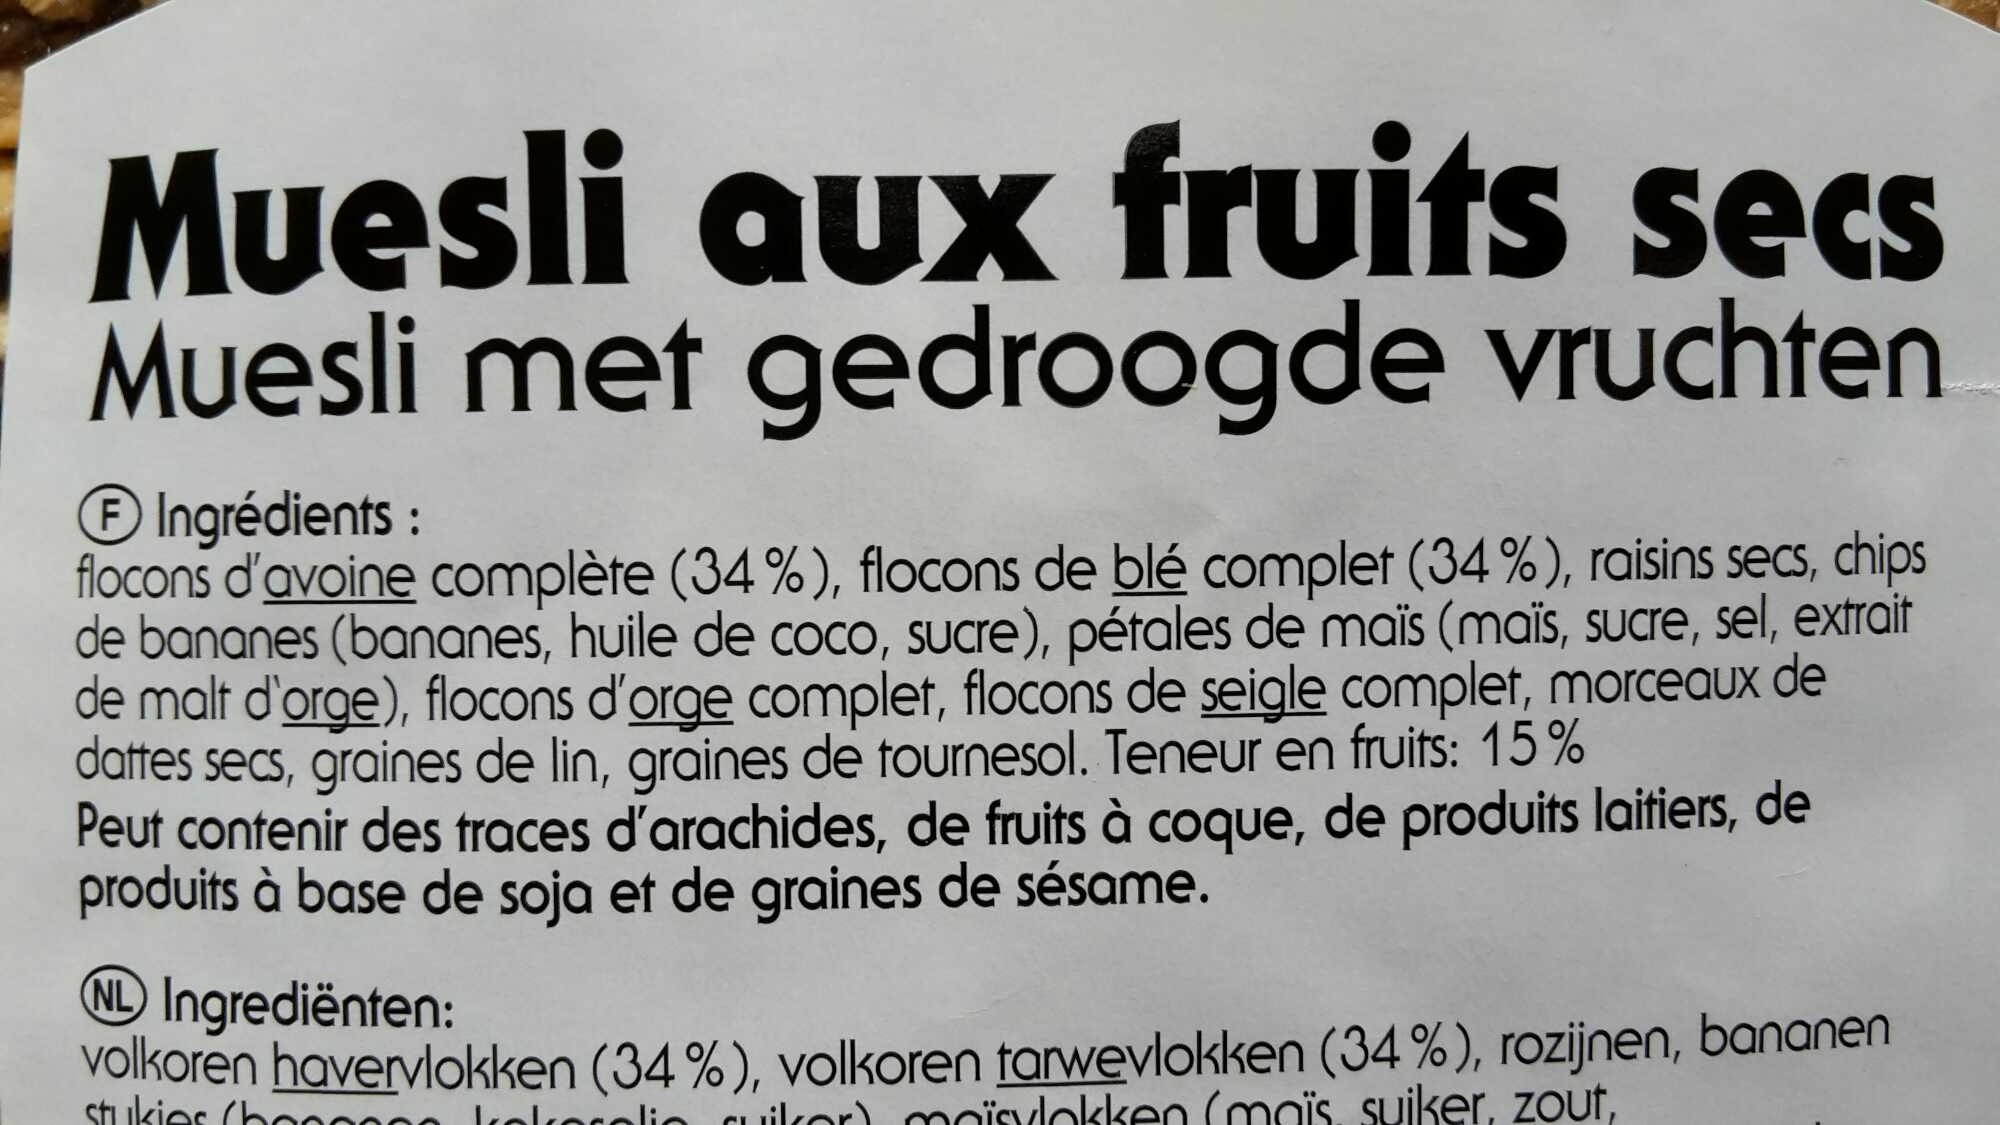 Muesli aux fruits secs - Ingrédients - fr